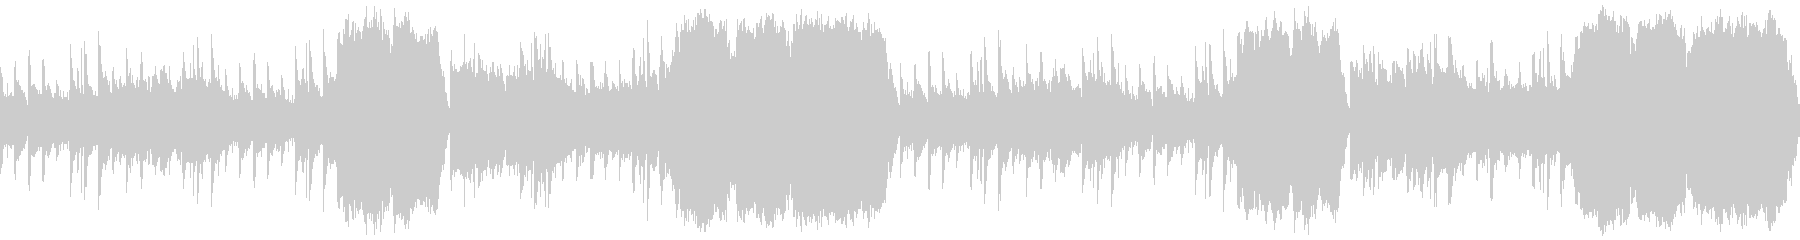 【ドラム抜き】感動系壮大エピックサウンドの未再生の波形